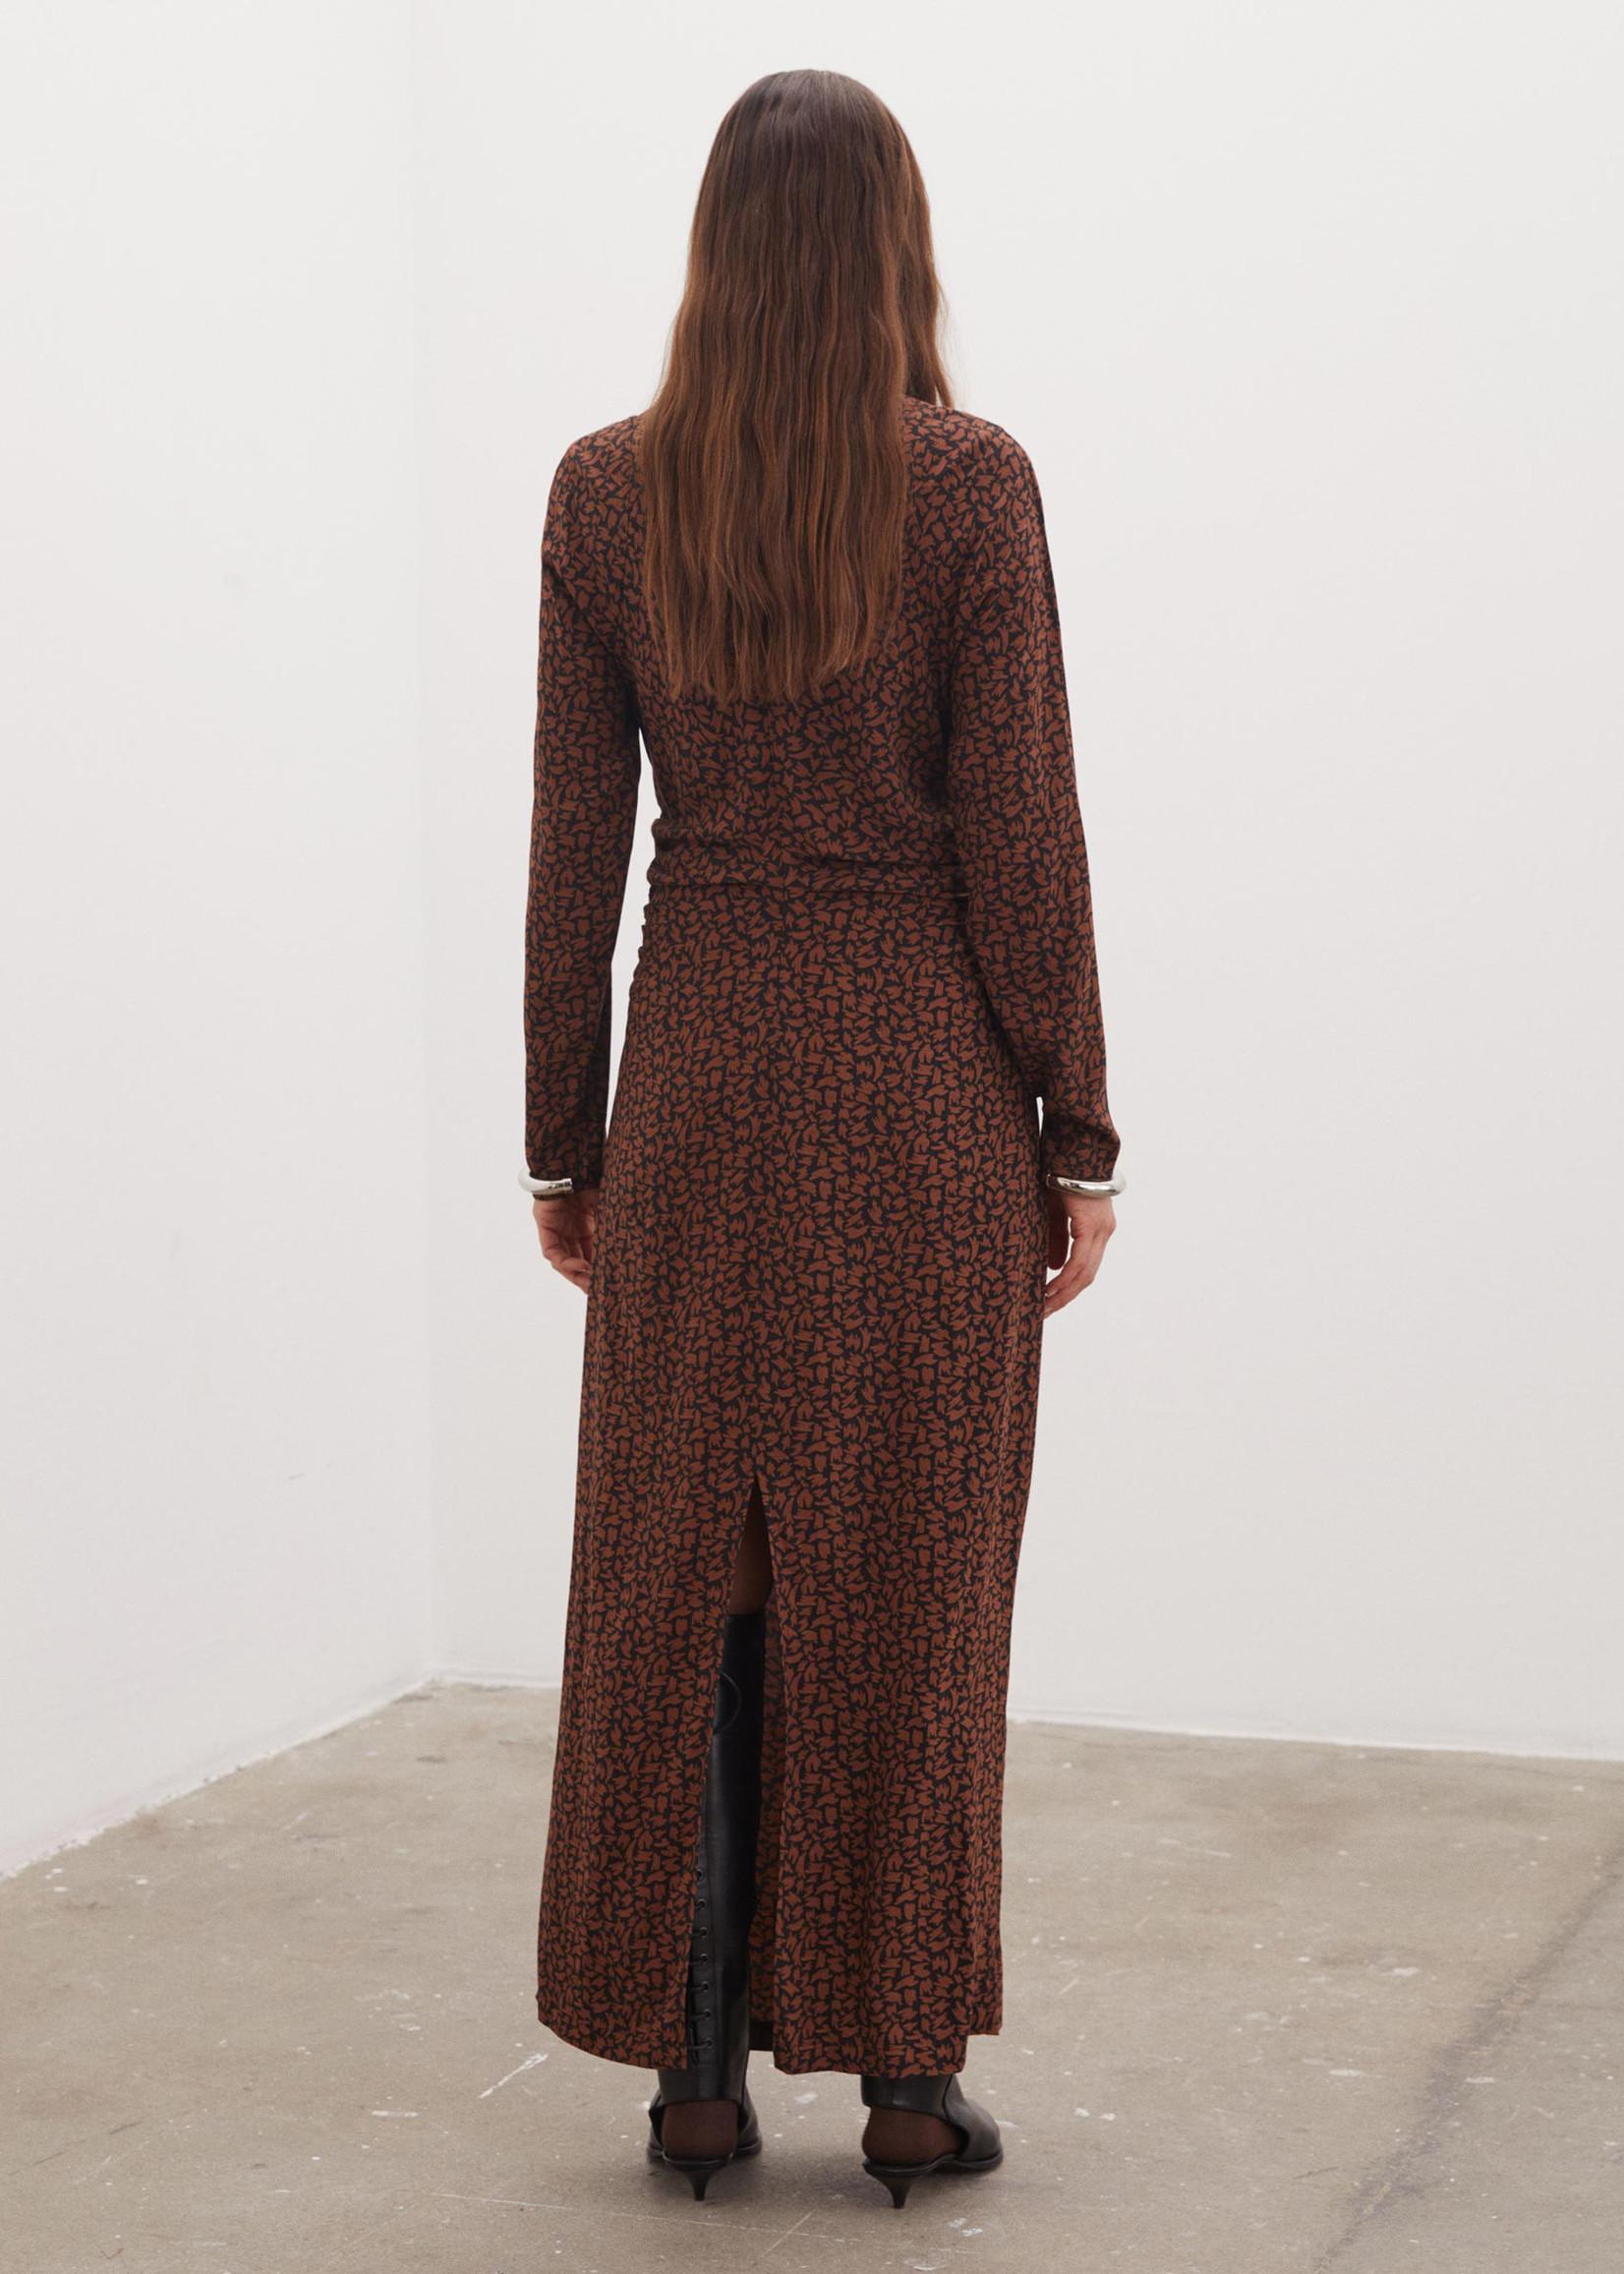 BY MALENE BIRGER ELLASSO DRESS